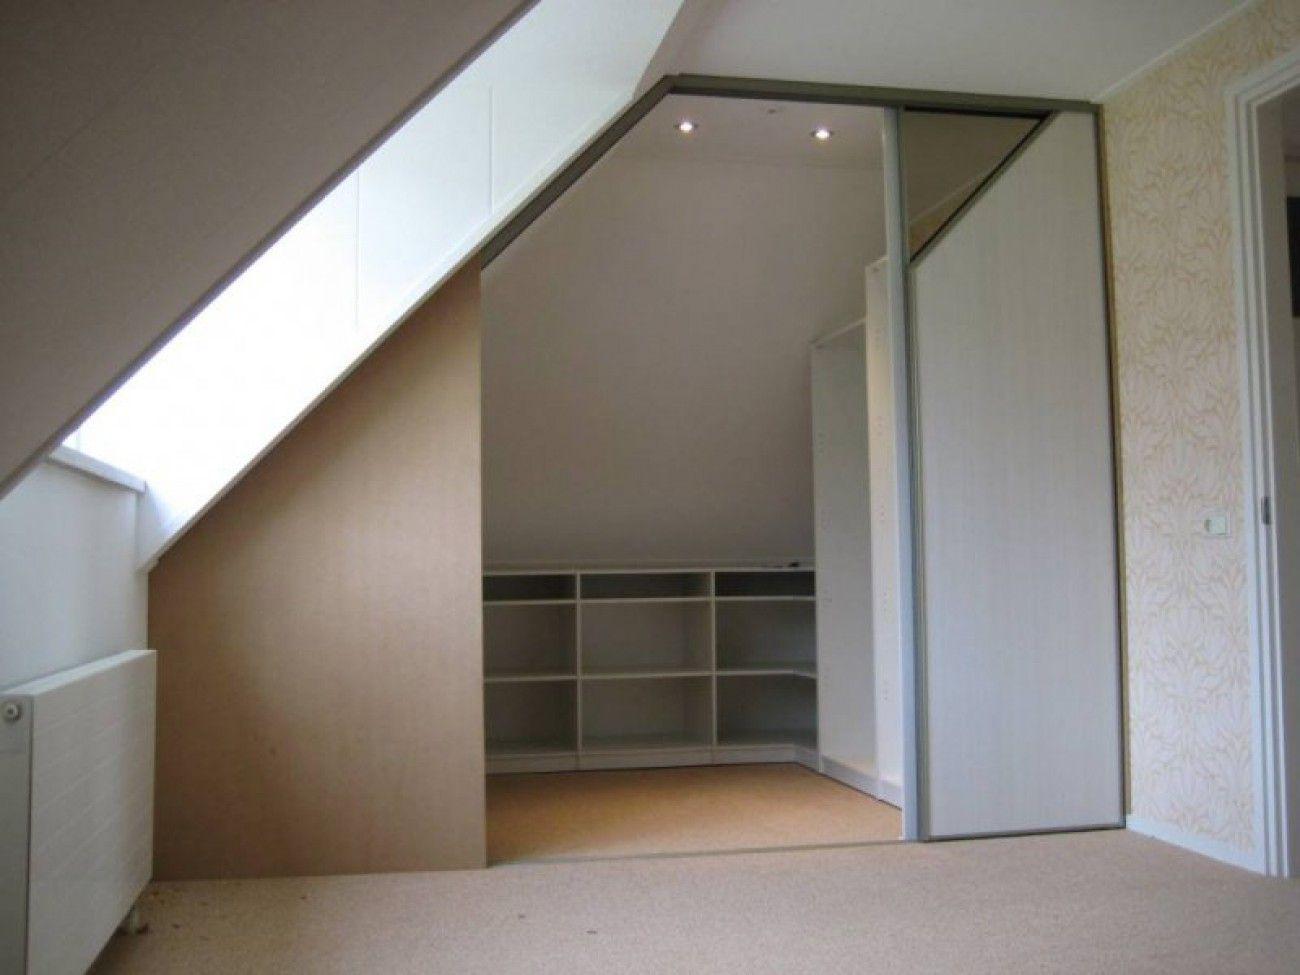 Slaapkamer Schuin Dak : Weer een idee voor onder een schuin dak in de slaapkamer studio